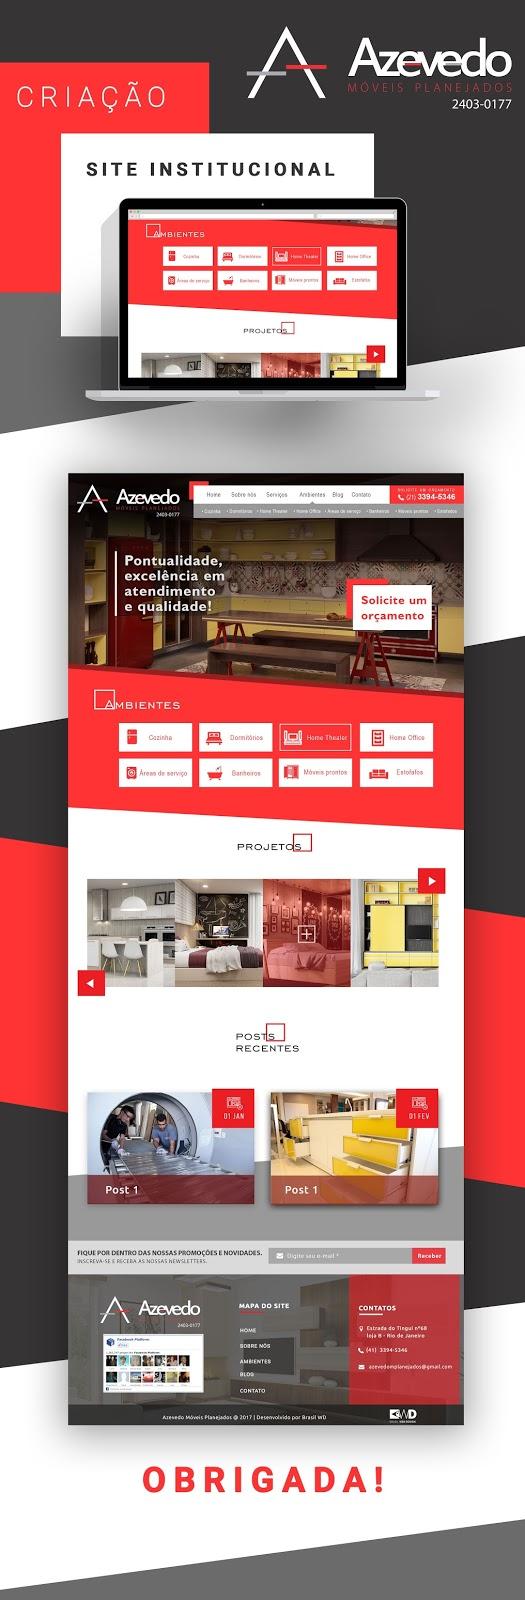 Criação site - Azevedo Móveis Planejados